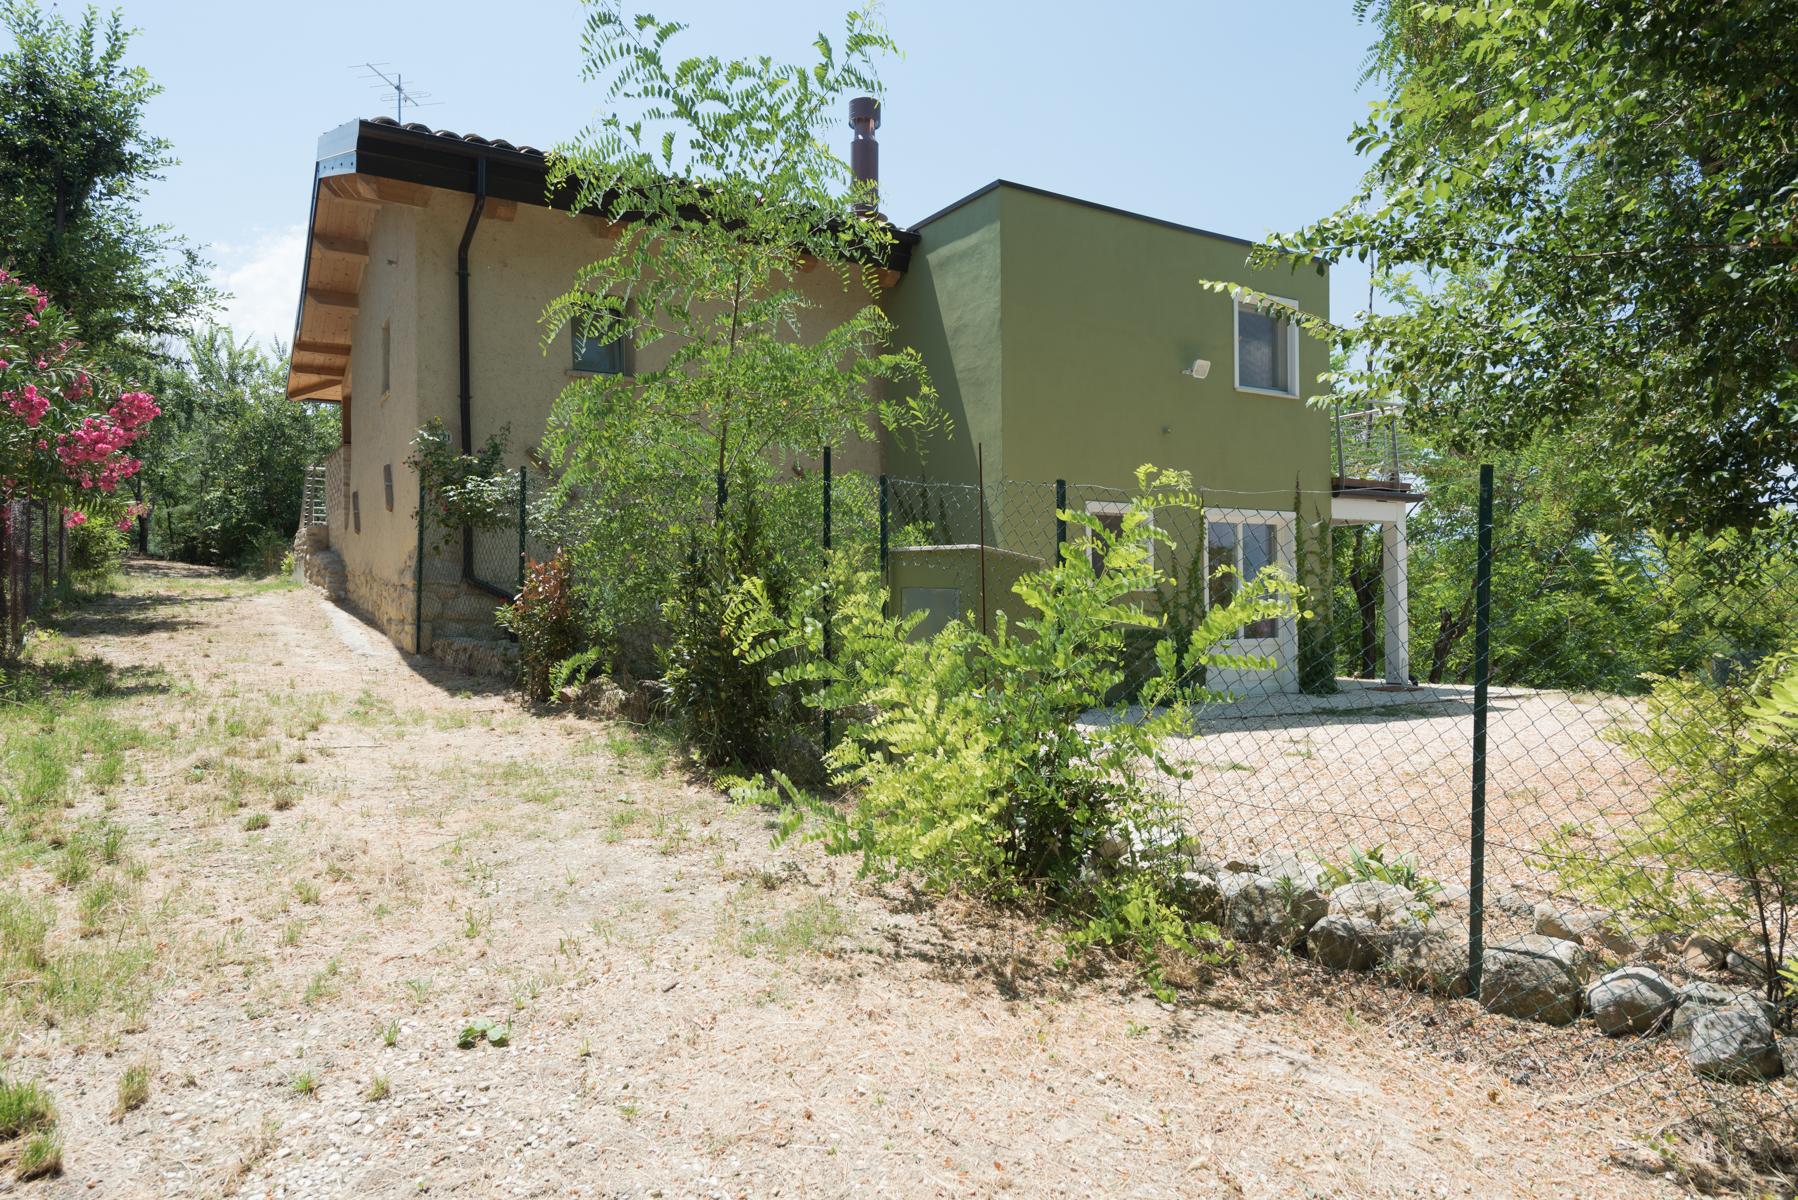 Villa Villa for sale Casalincontrada (CH), Casa Sentinella - Casalincontrada - EUR 321.299 630